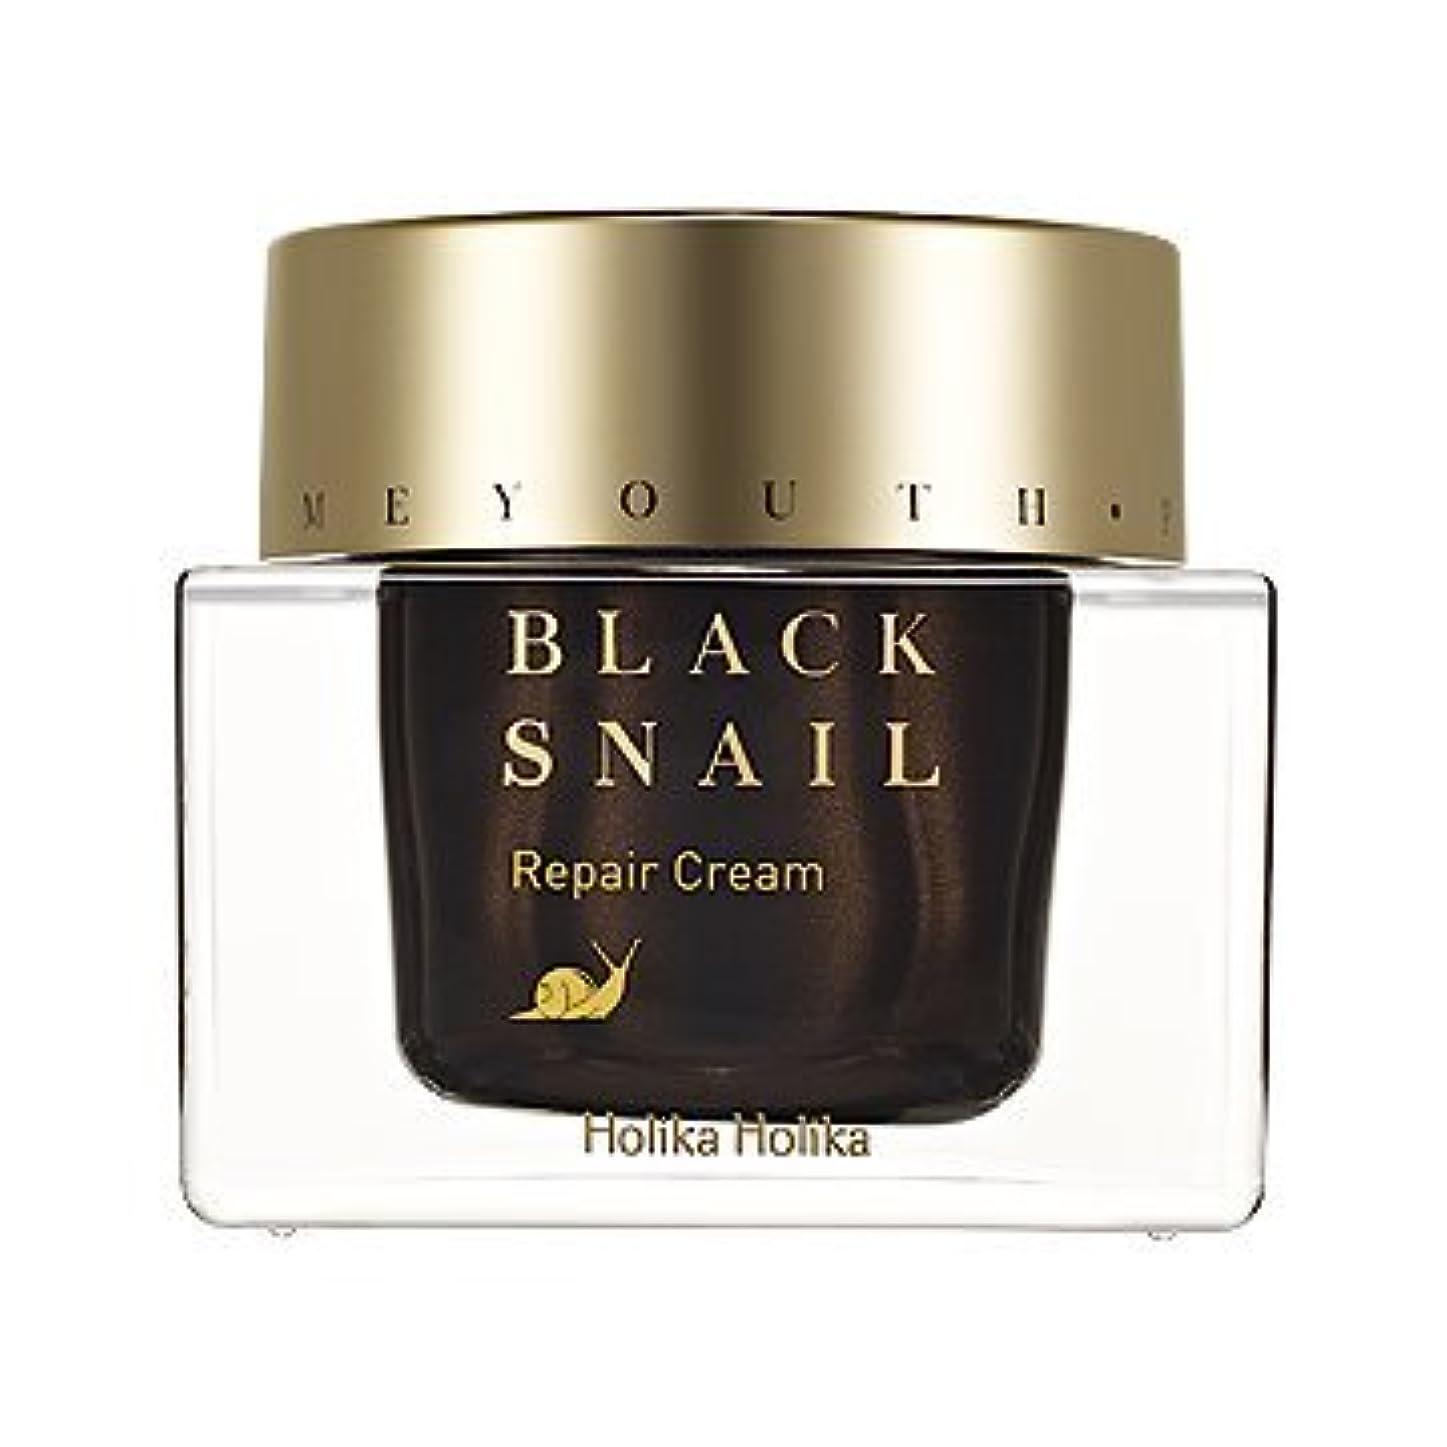 人形拡張おじいちゃんHolikaHolika(ホリカホリカ) Prime Youth Black Snail Repair Cream プライムユースブラックスネイルクリーム カタツムリ エスカルゴ [並行輸入品]